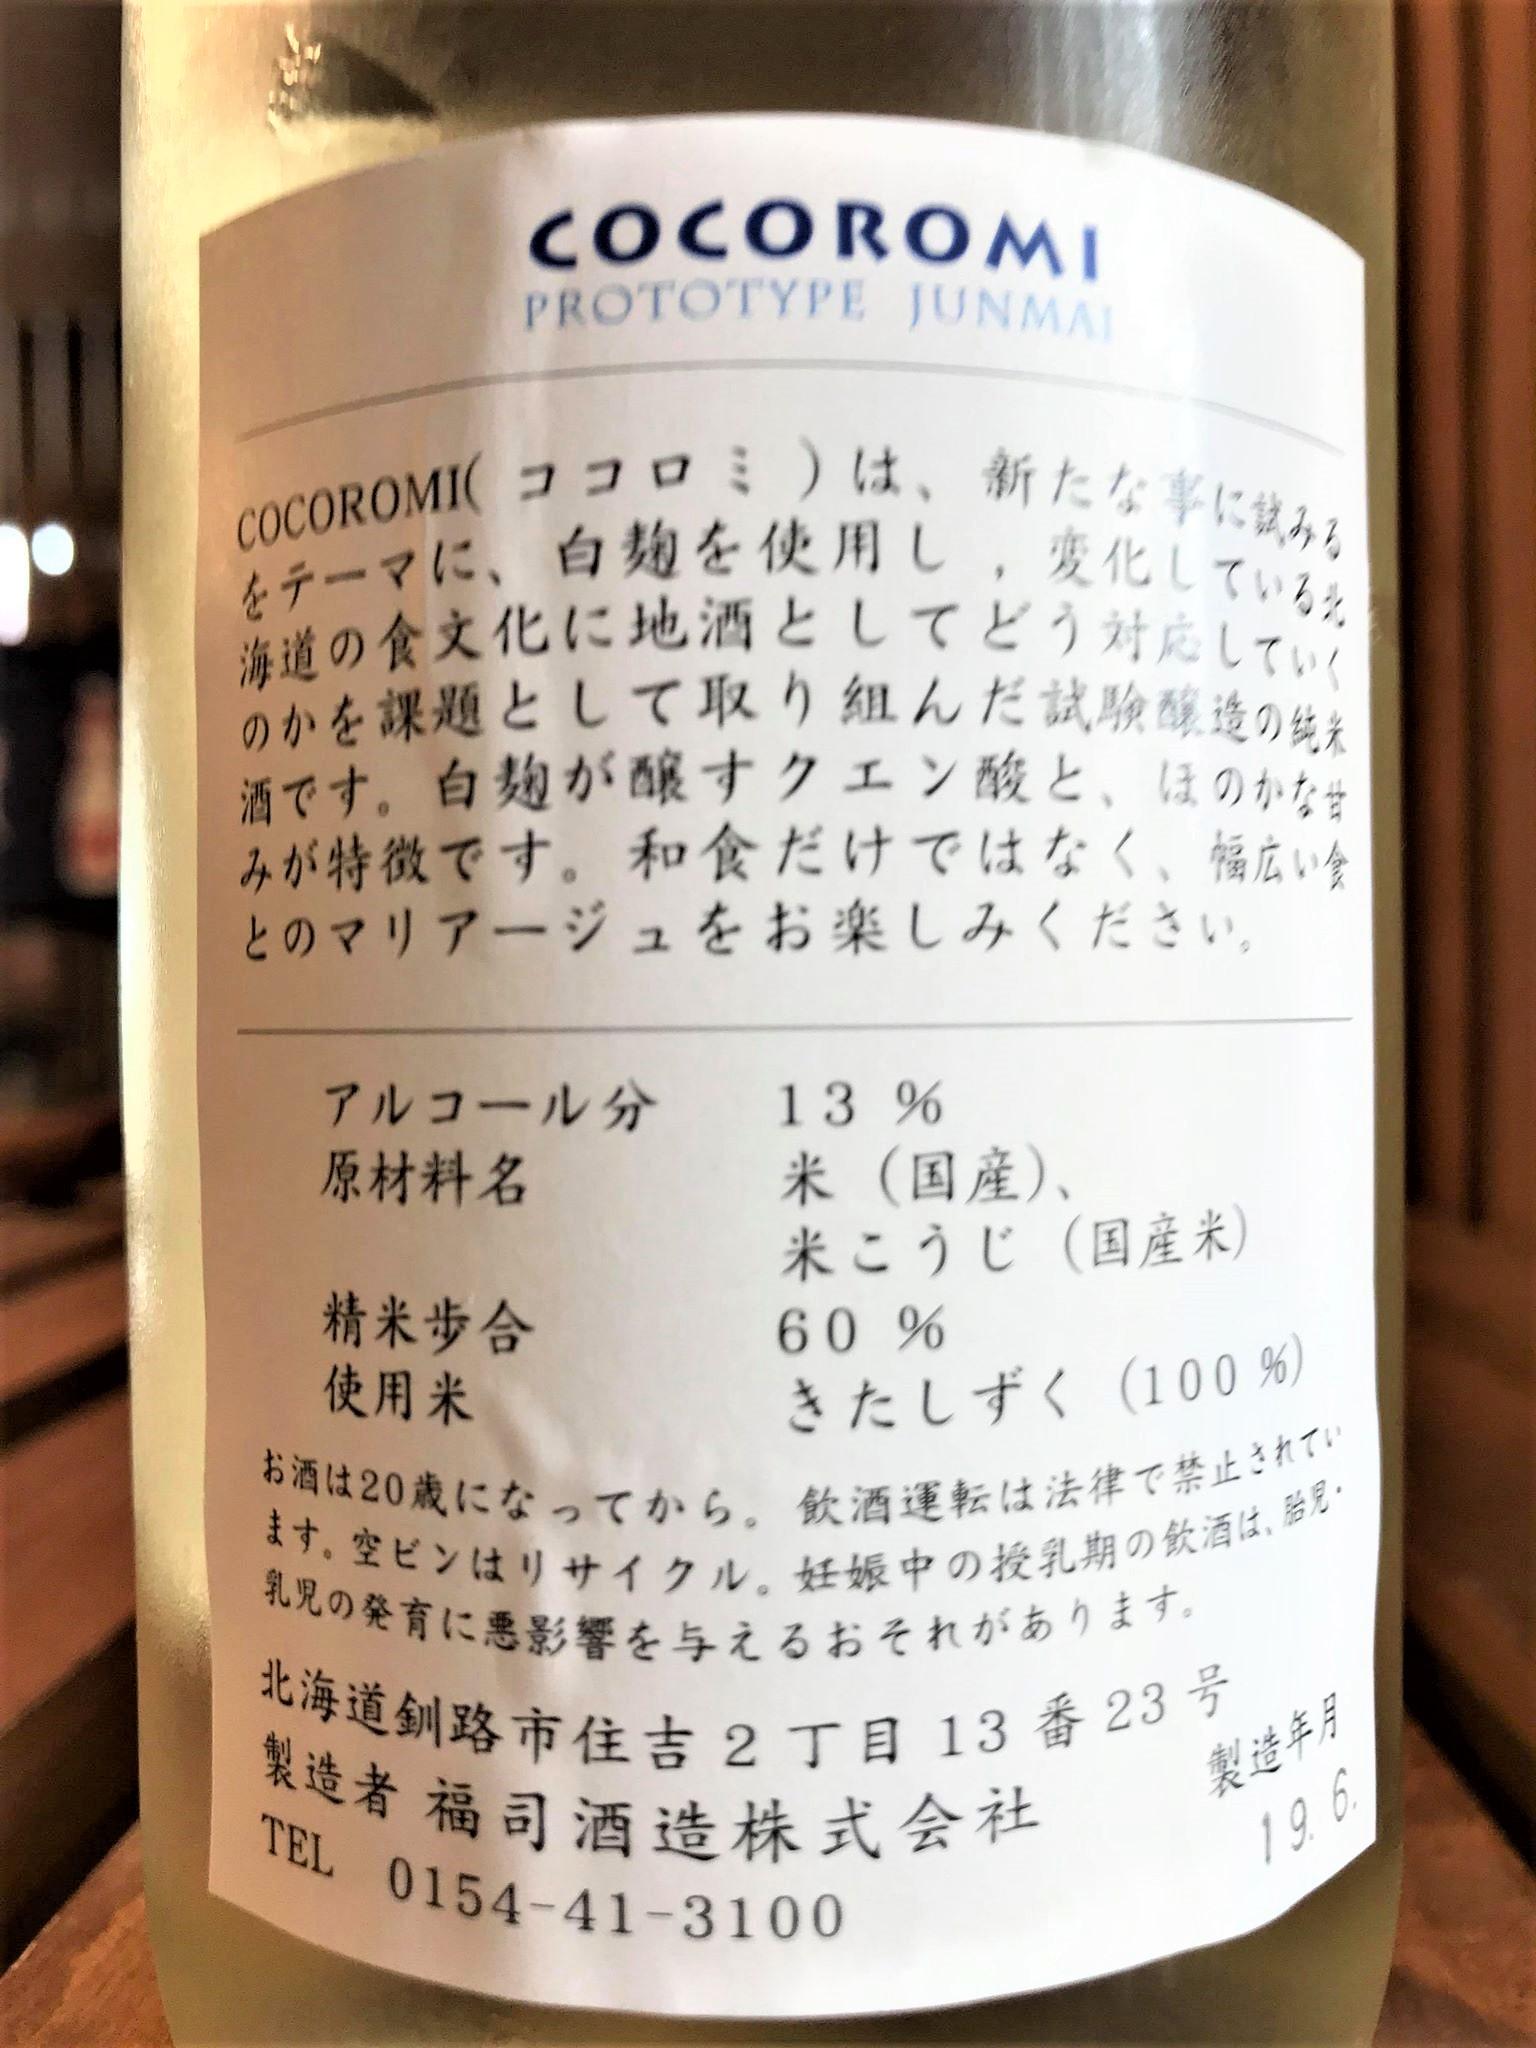 【日本酒】福司 番外編 COCOROMI㊙ココロミ プロトタイプ純米酒 きたしずく仕込み 限定 30BY🆕_e0173738_11285162.jpg